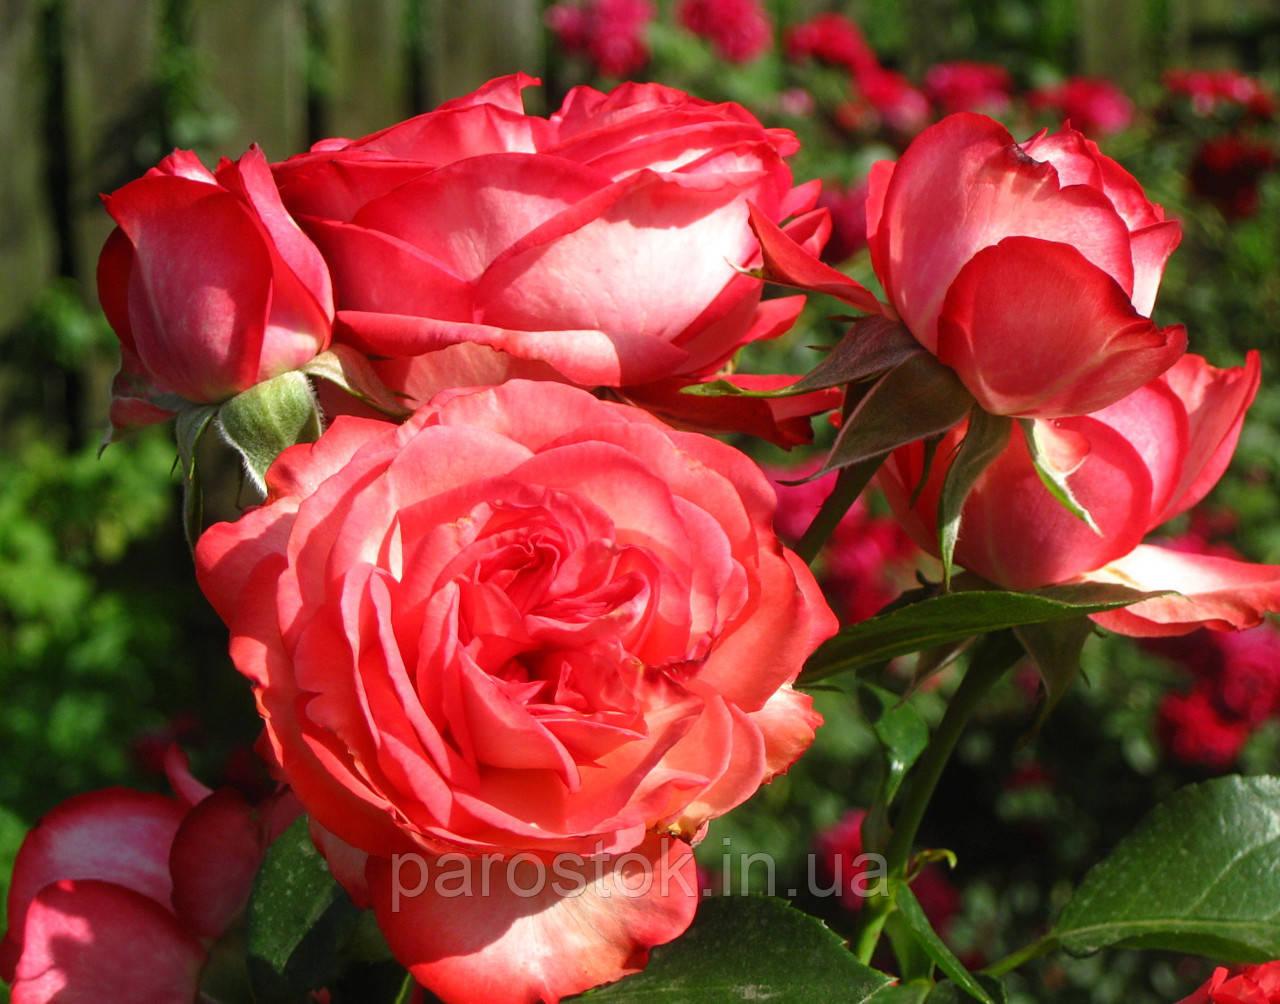 Саженцы роз Антик . Плетистая роза